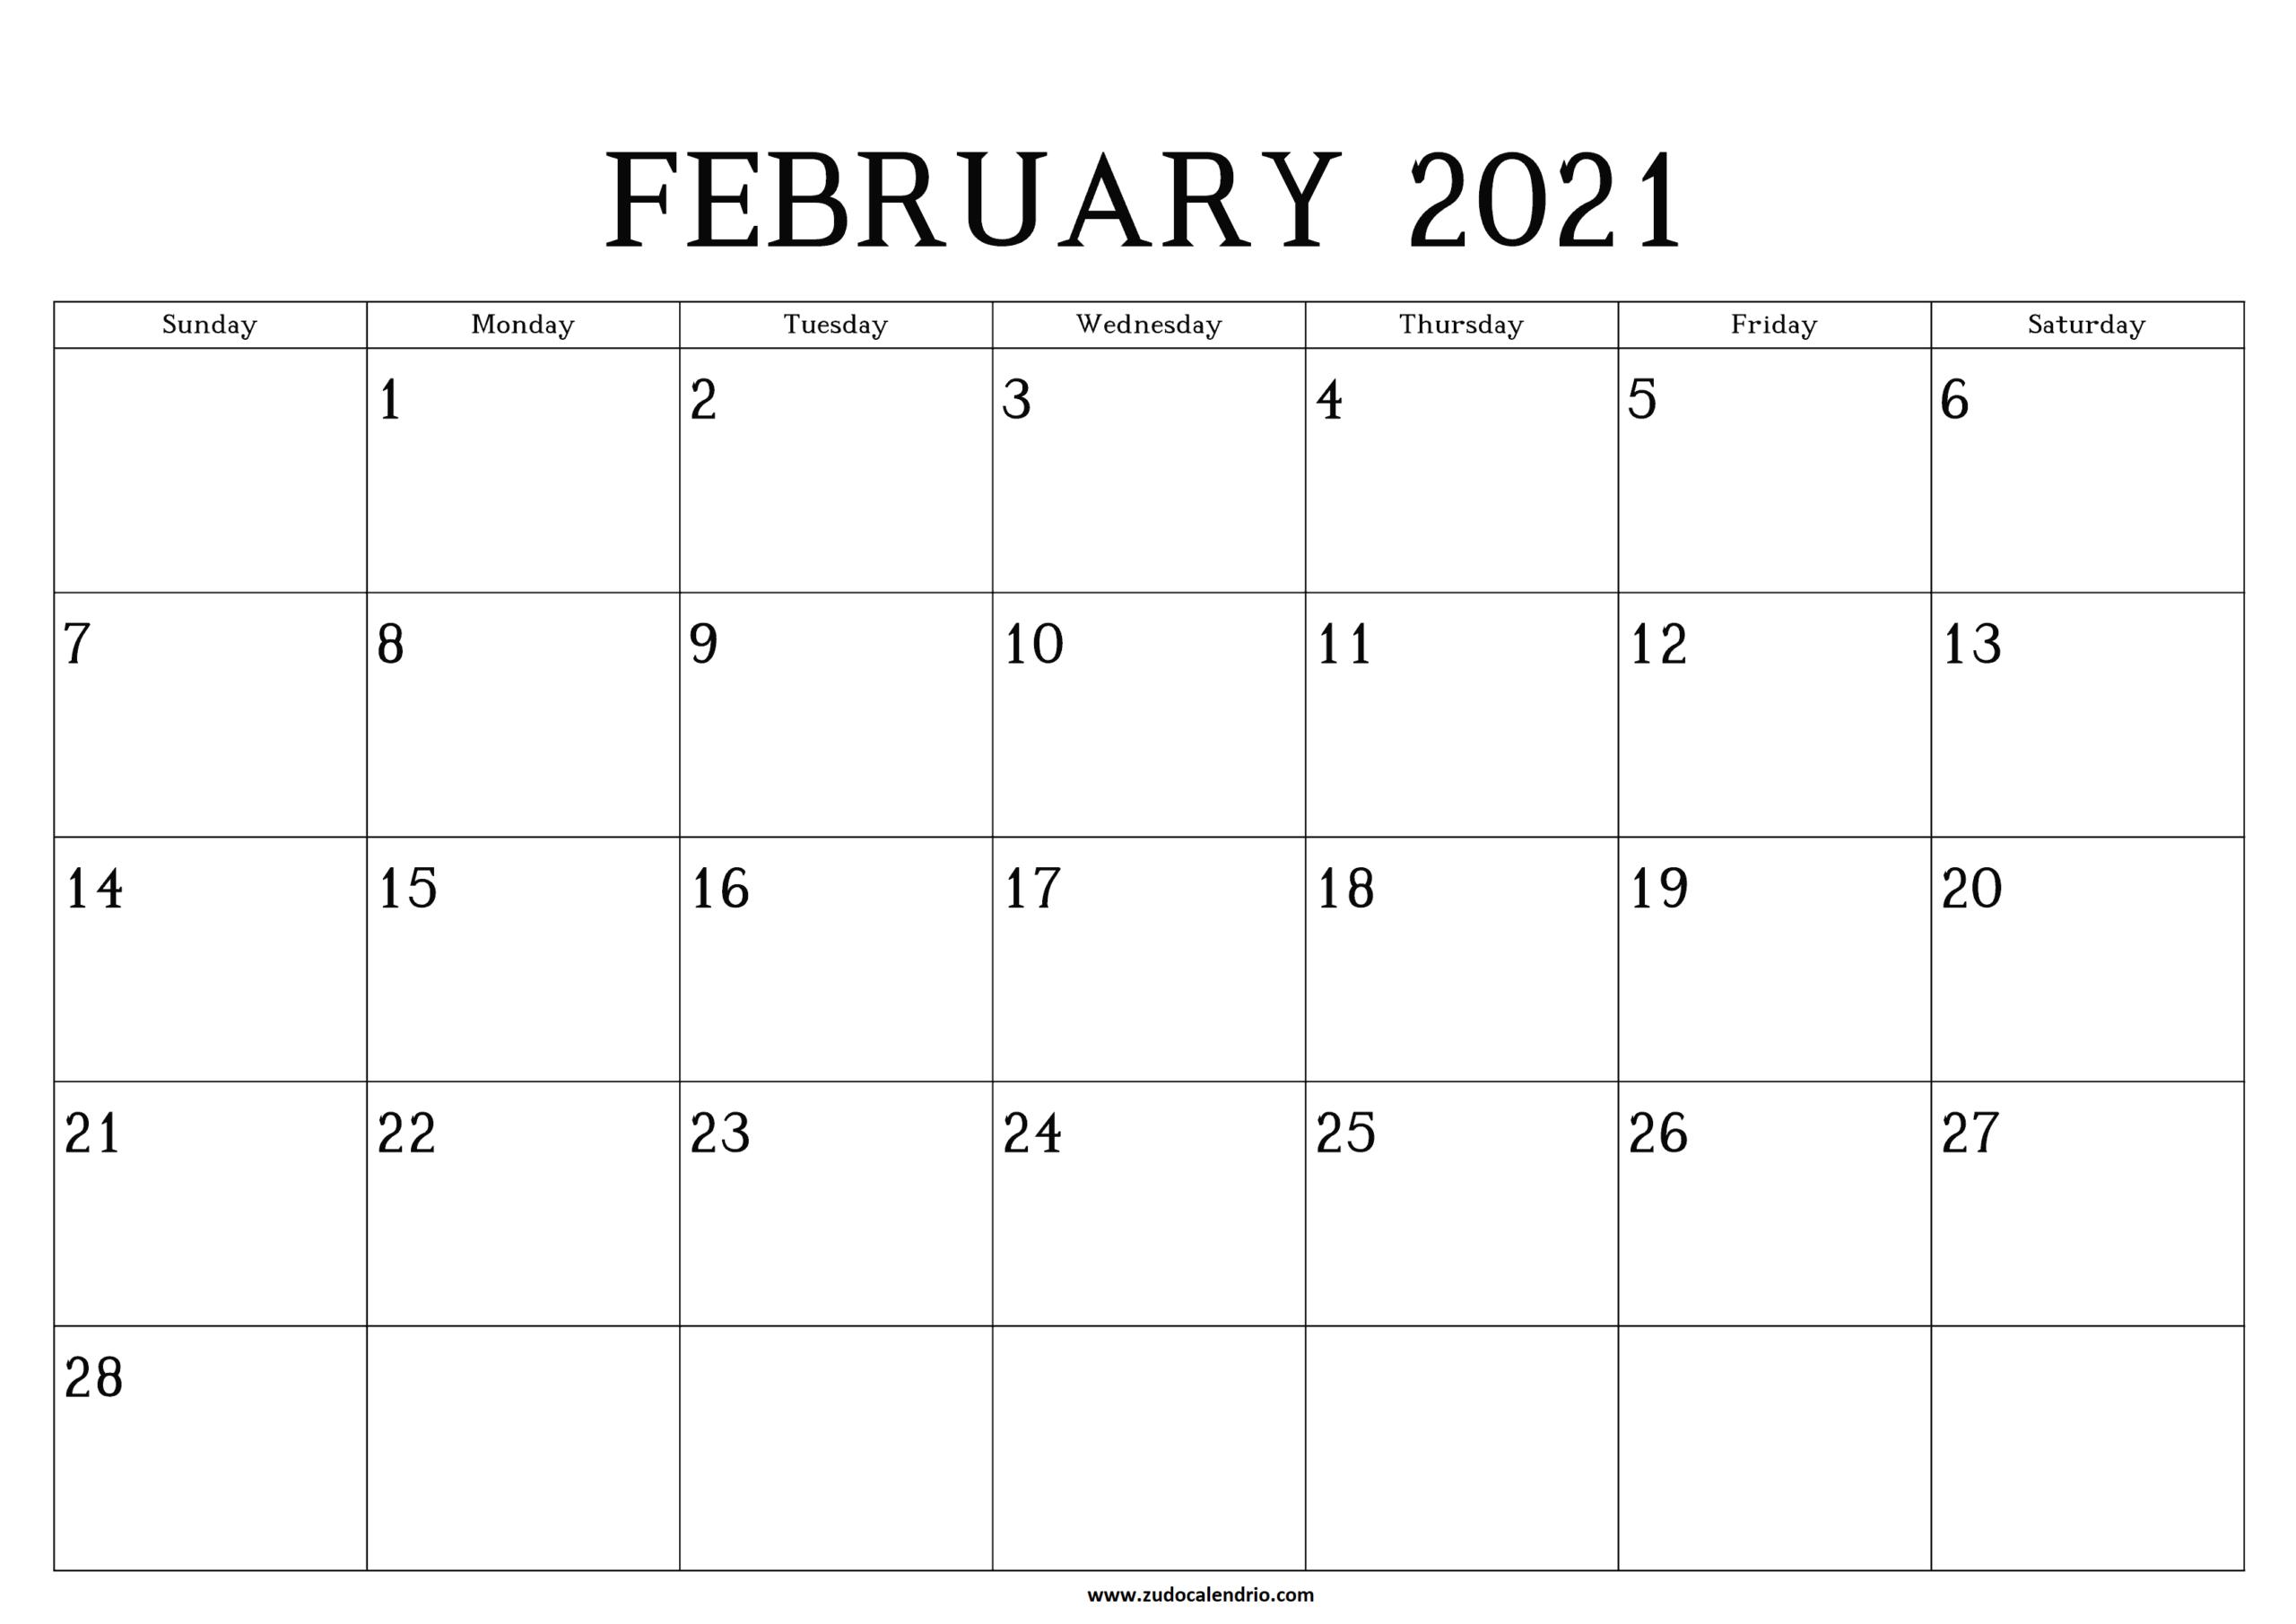 Printable February Calendar 2021   Zudocalendrio  February 2021 Calendar Printable